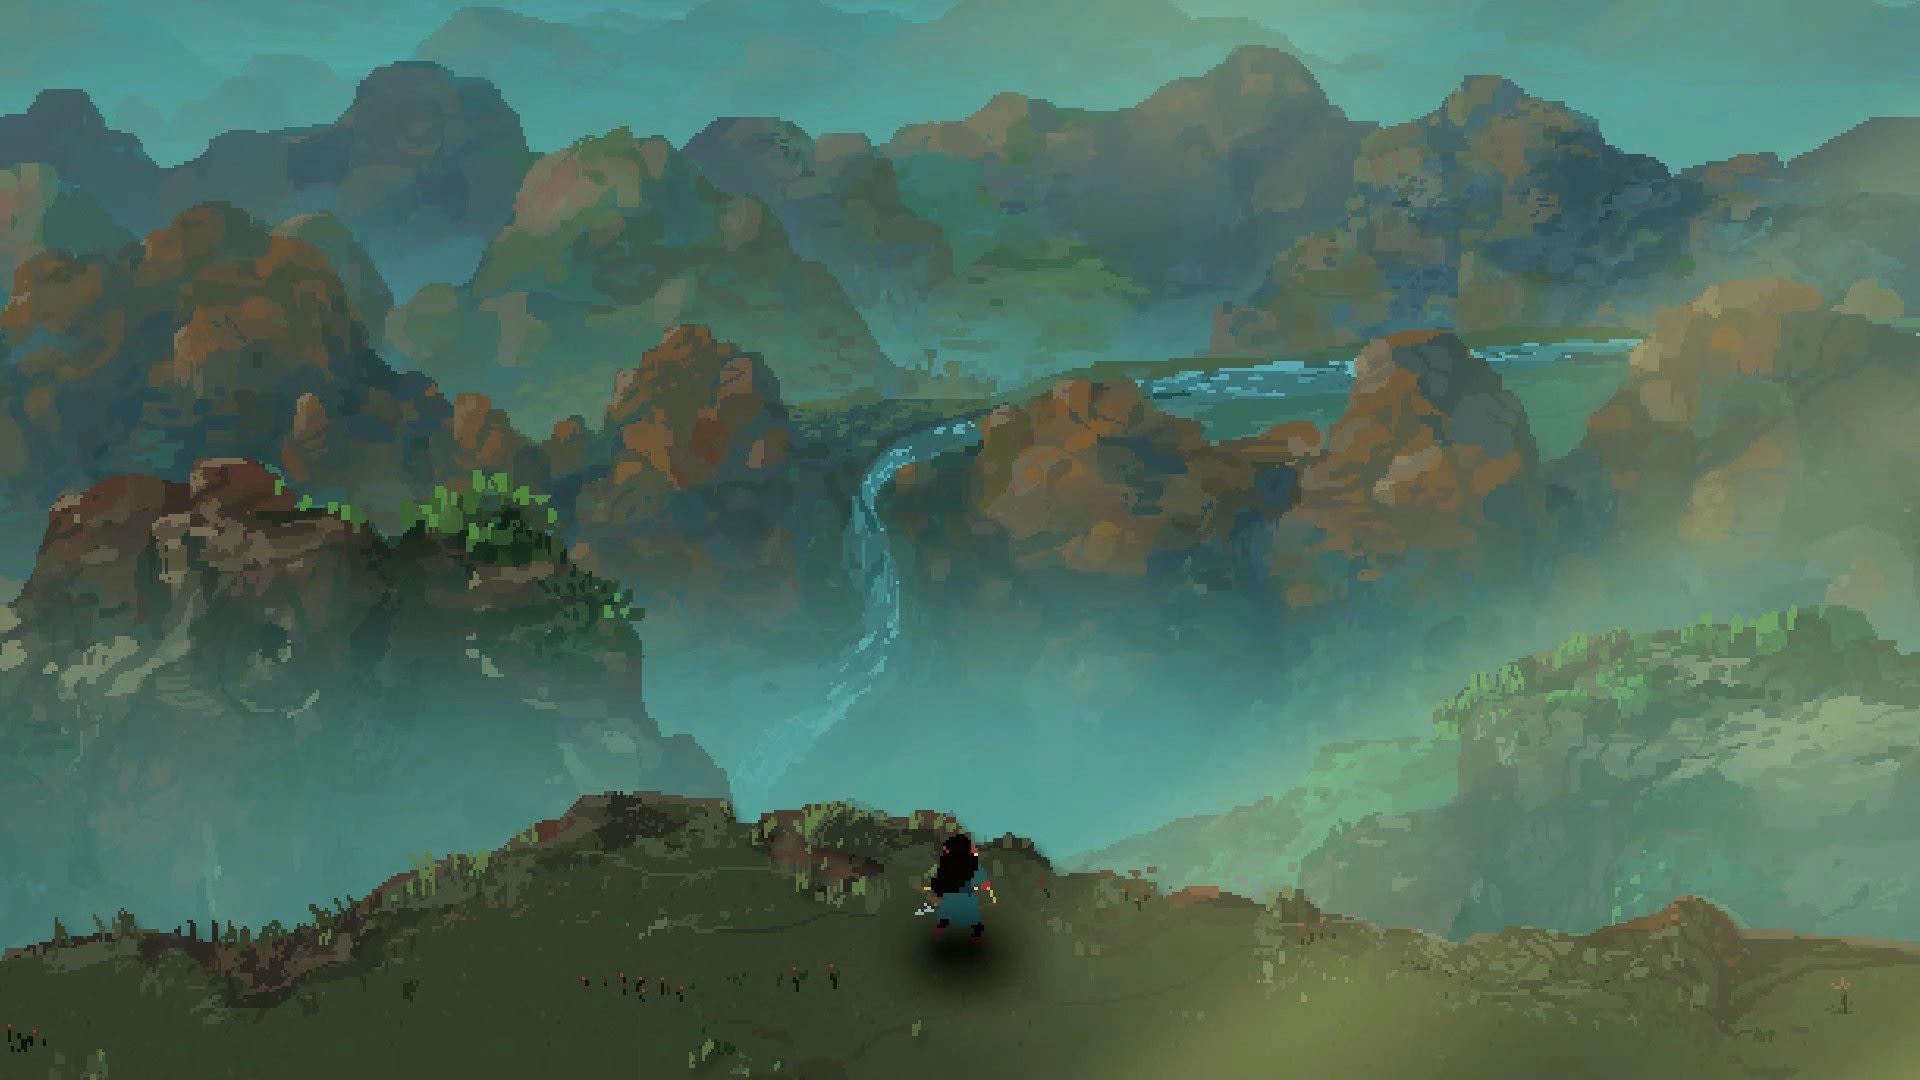 莫塔之子图片 游戏壁纸 游戏壁纸-第2张